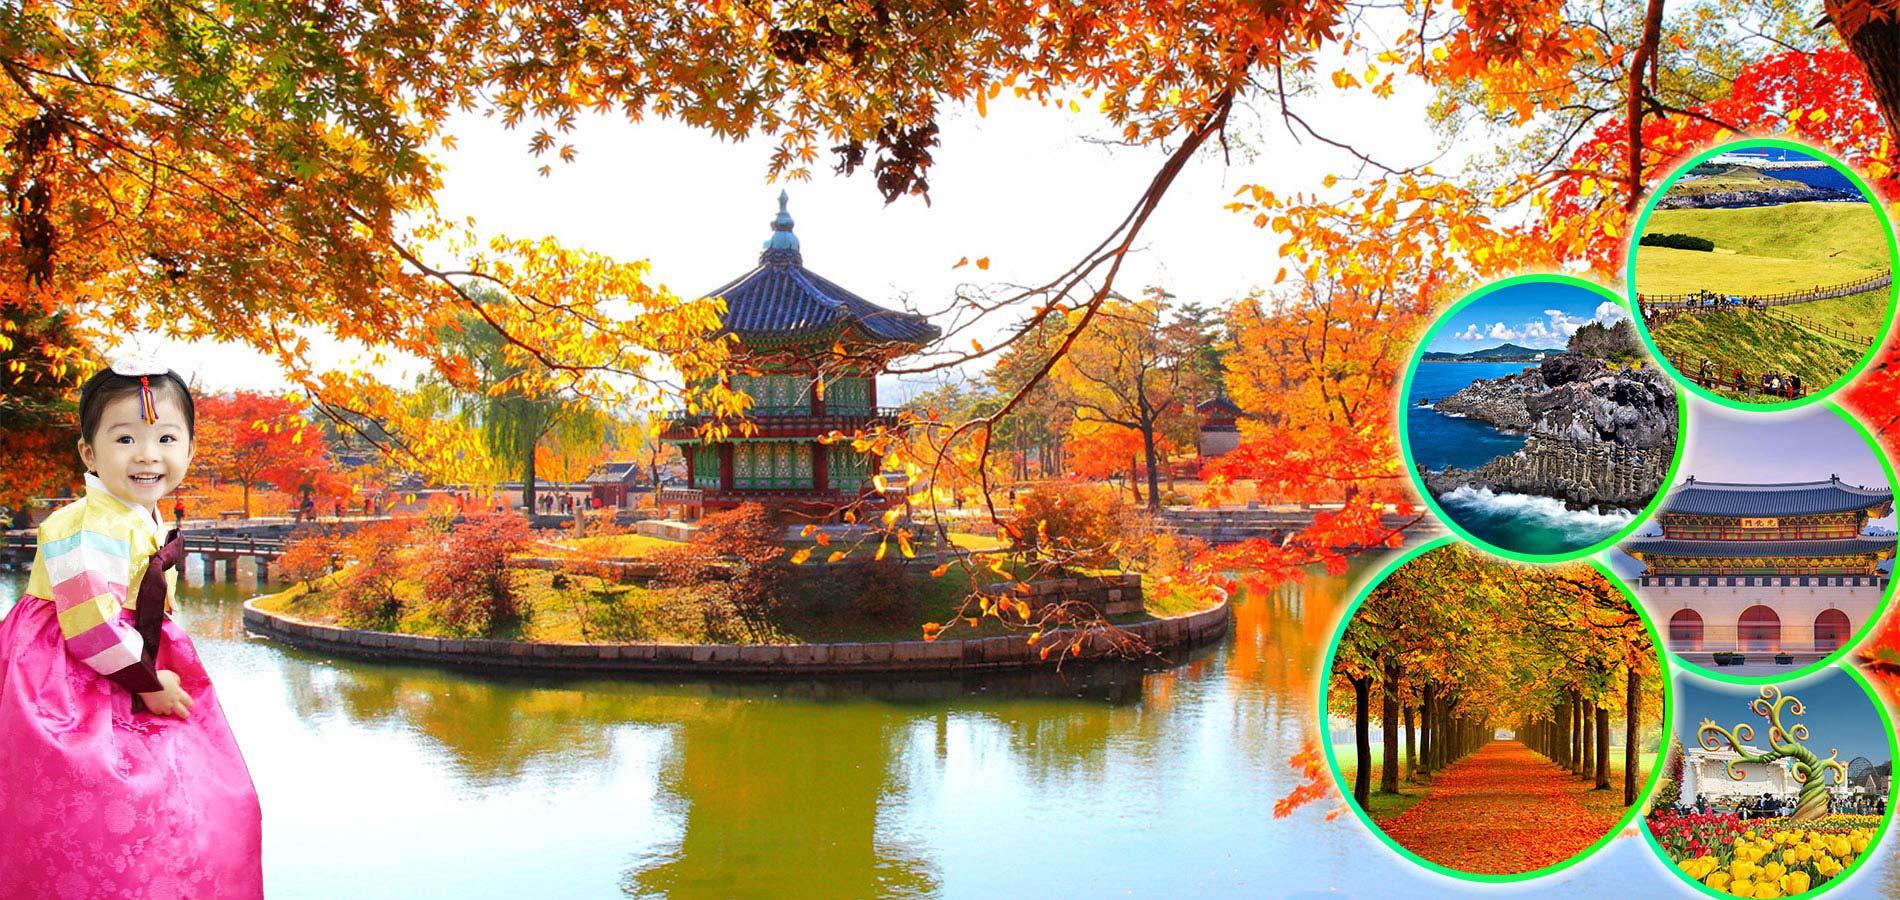 Kinh nghiệm du lịch Hàn Quốc mùa thu